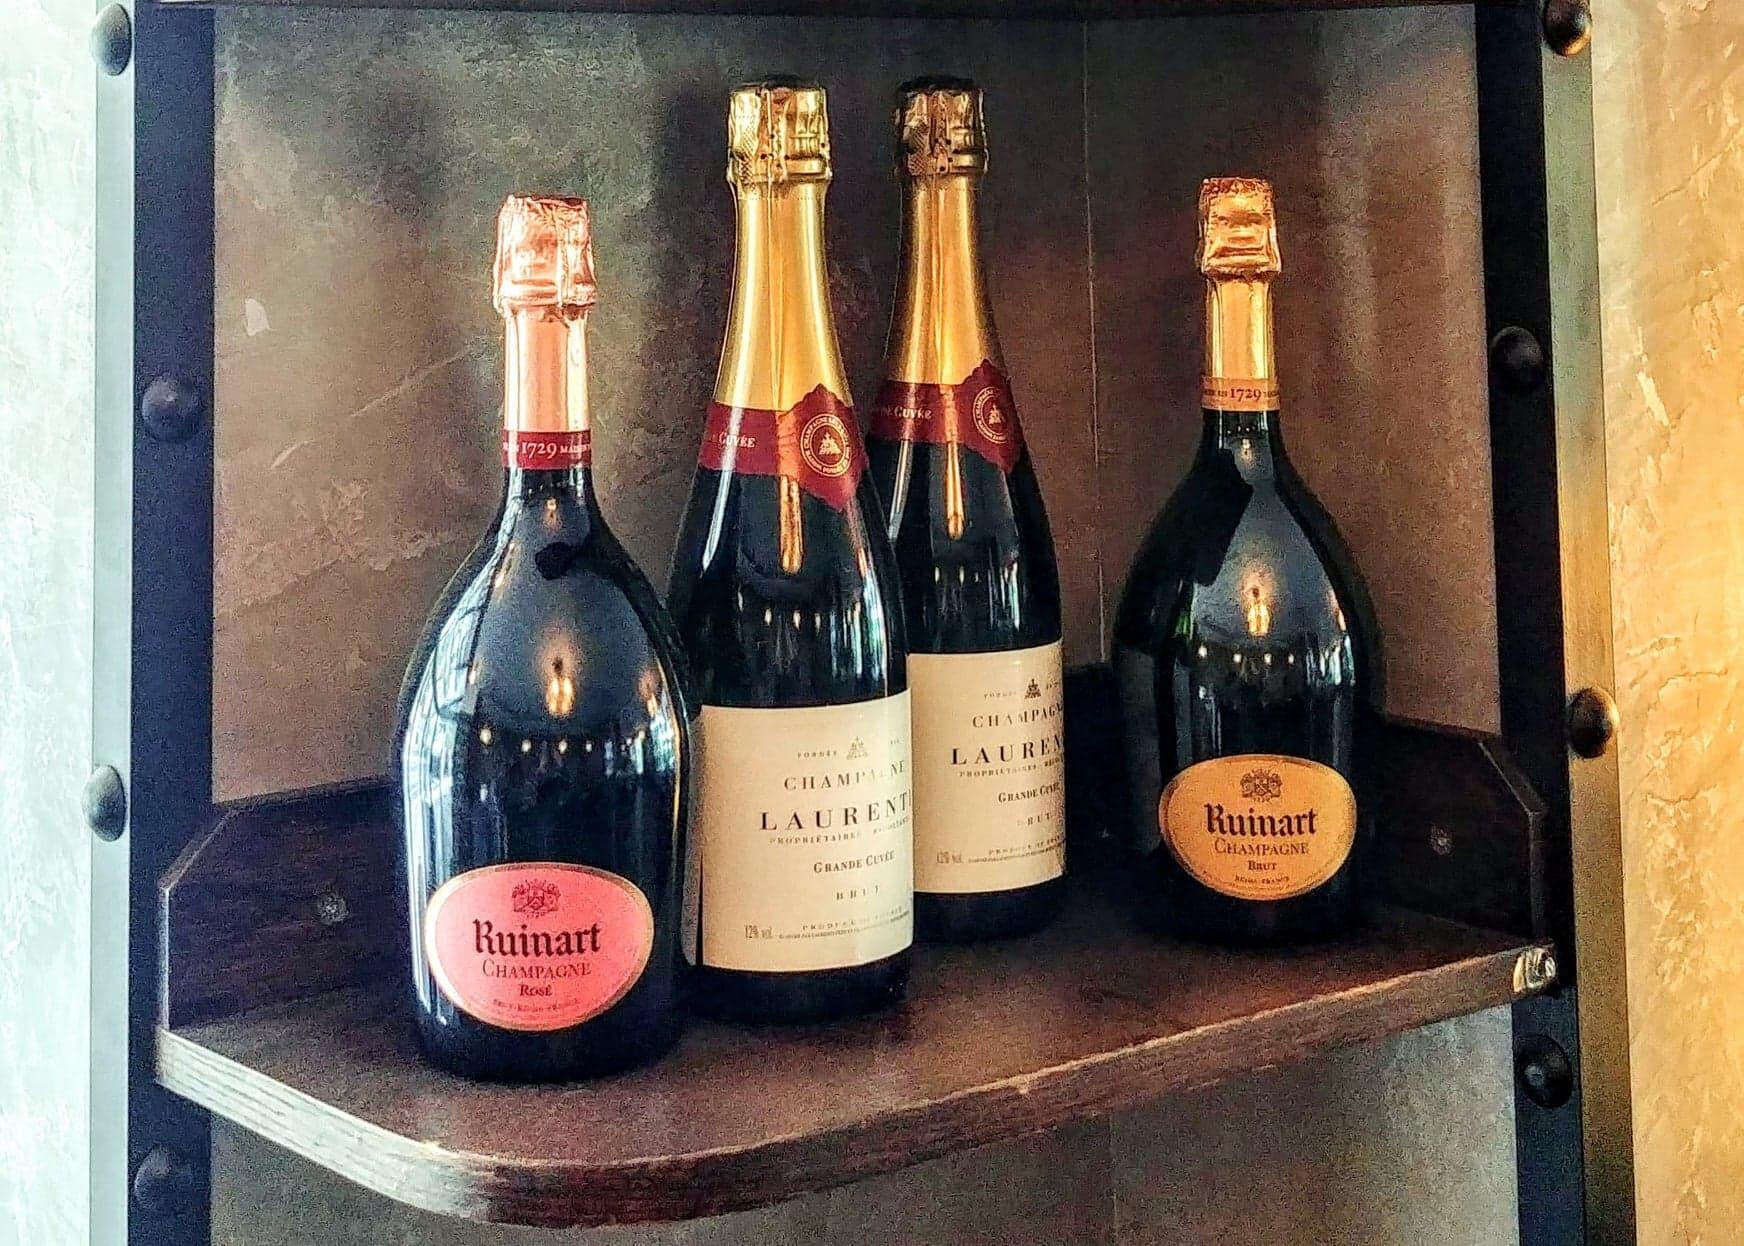 Thời tiết vùng Champagne tương đối ổn định, không bị xáo trộn như vùng Bordeaux hay Var